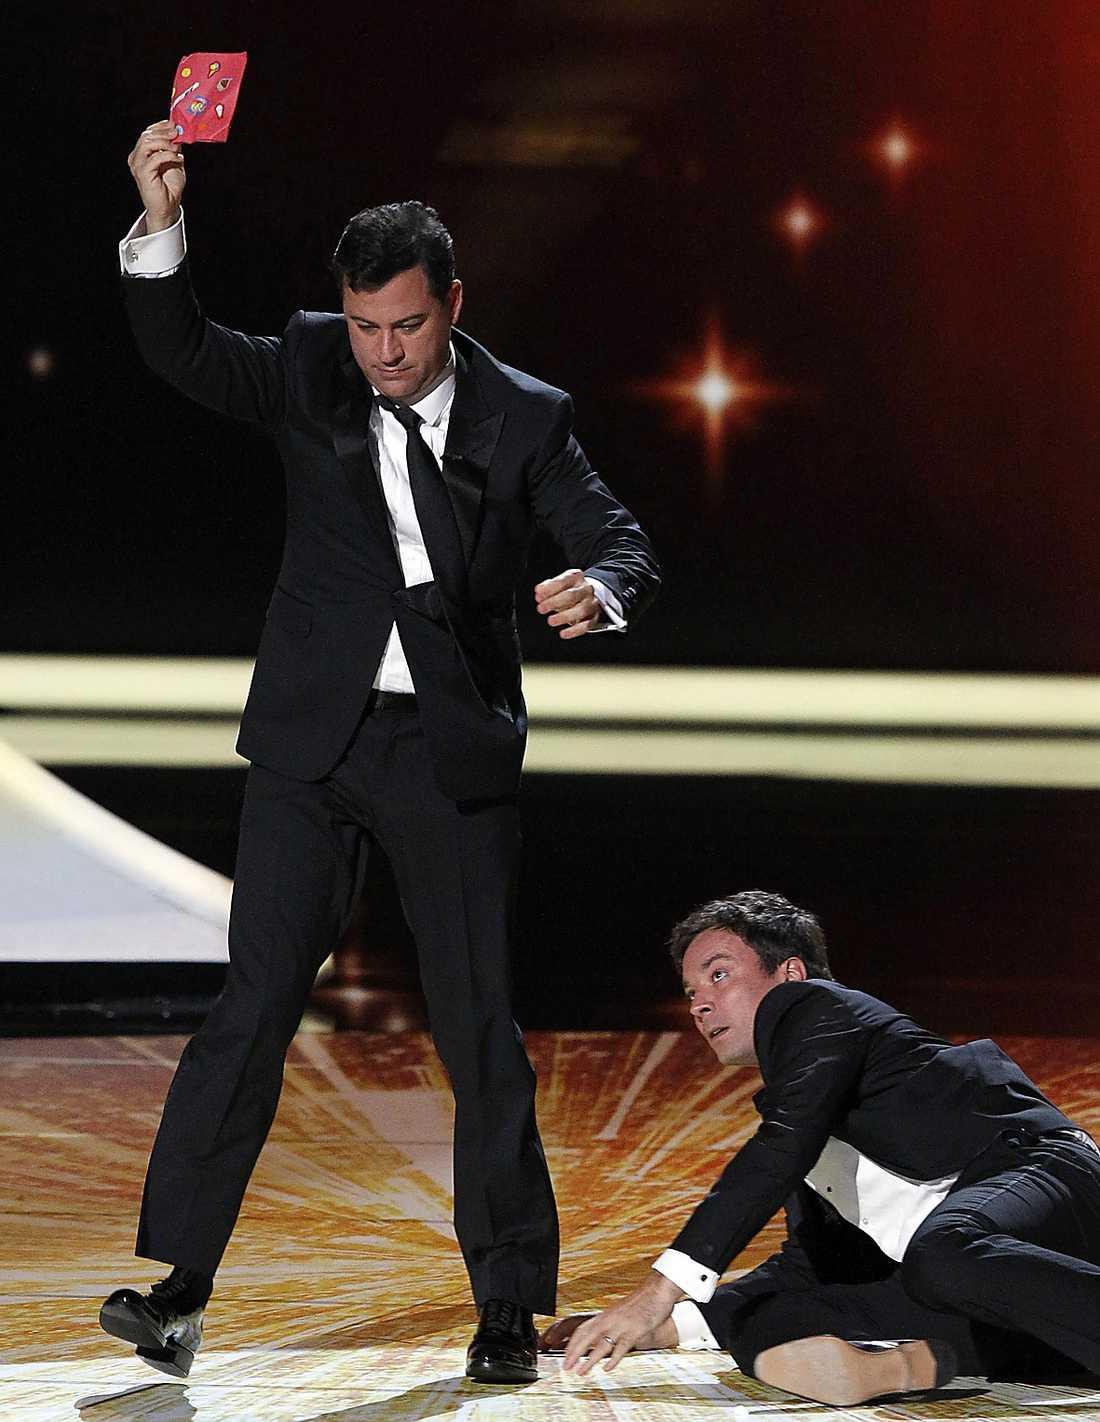 Talkshow-värdarna Jimmy Kimmel och Jimmy Fallon gick in tillsammans på scen för att presentera ett pris – vilket slutade med kalabalik.